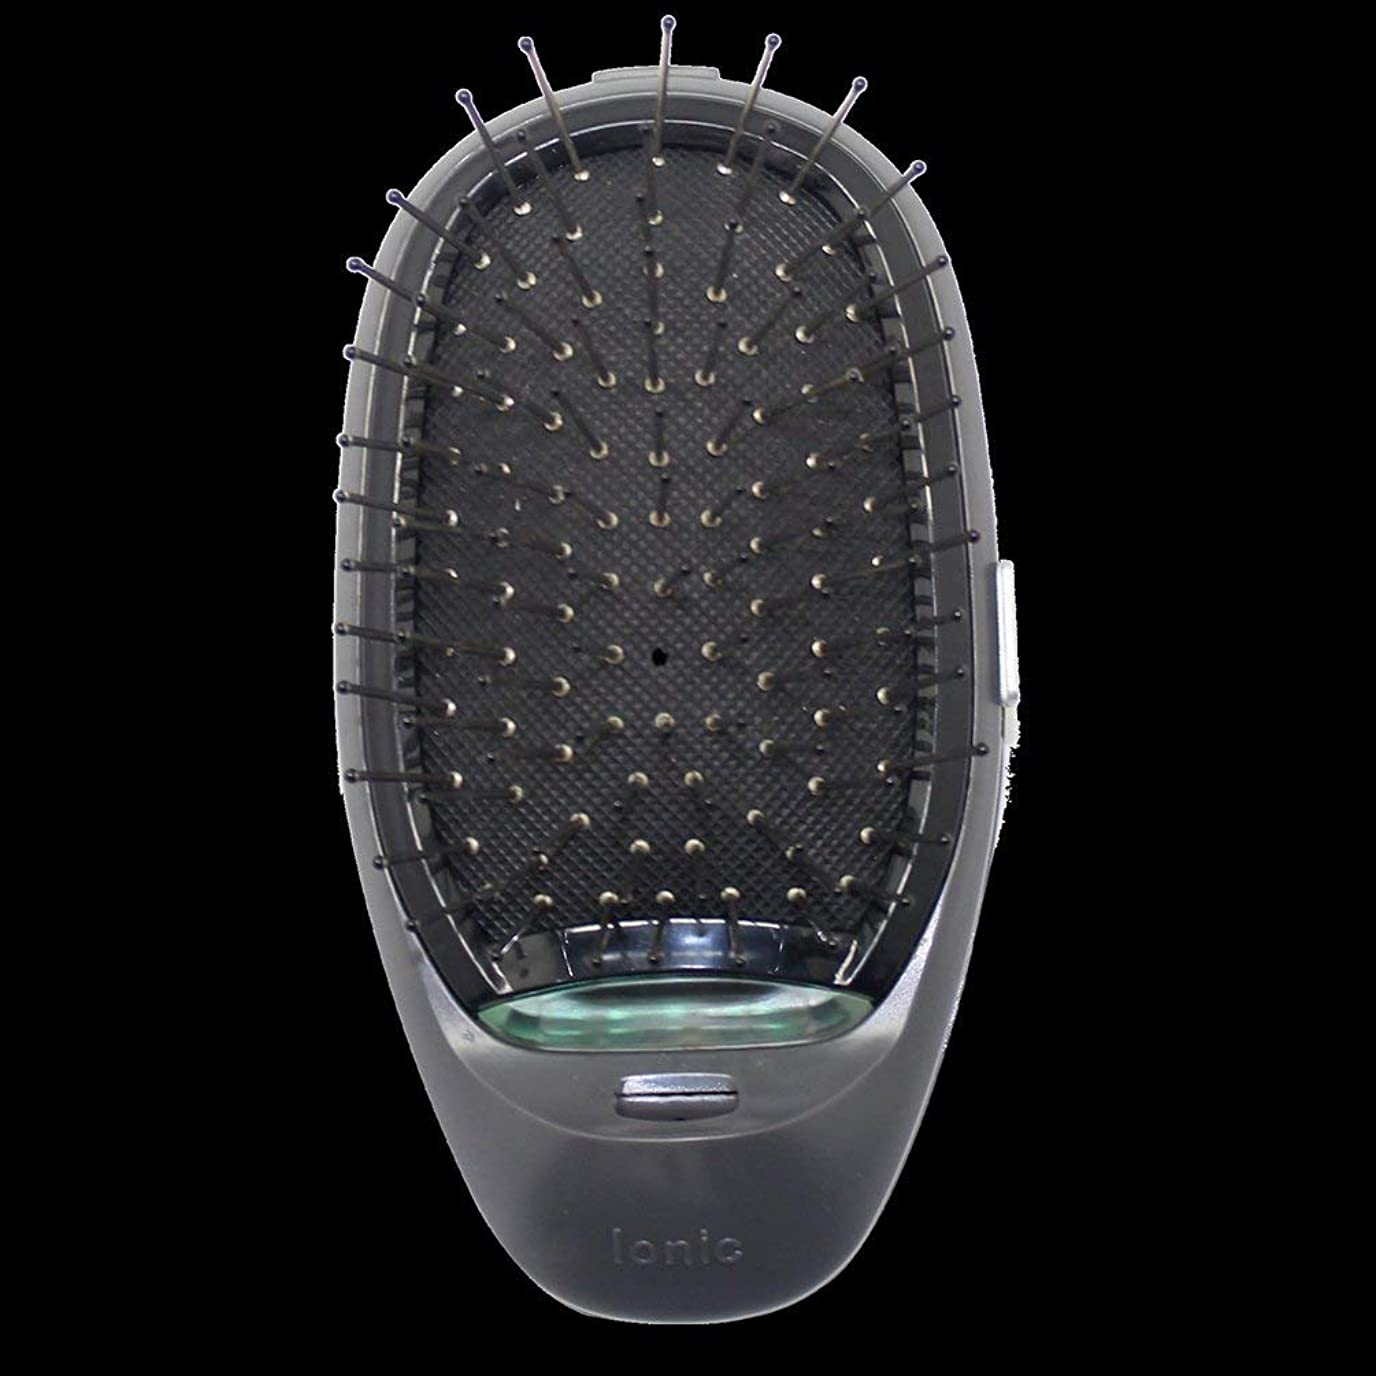 レーダーアシスタント予測する電動マッサージヘアブラシミニマイナスイオンヘアコム3Dインフレータブルコーム帯電防止ガールズヘアブラシ電池式 - ブラック